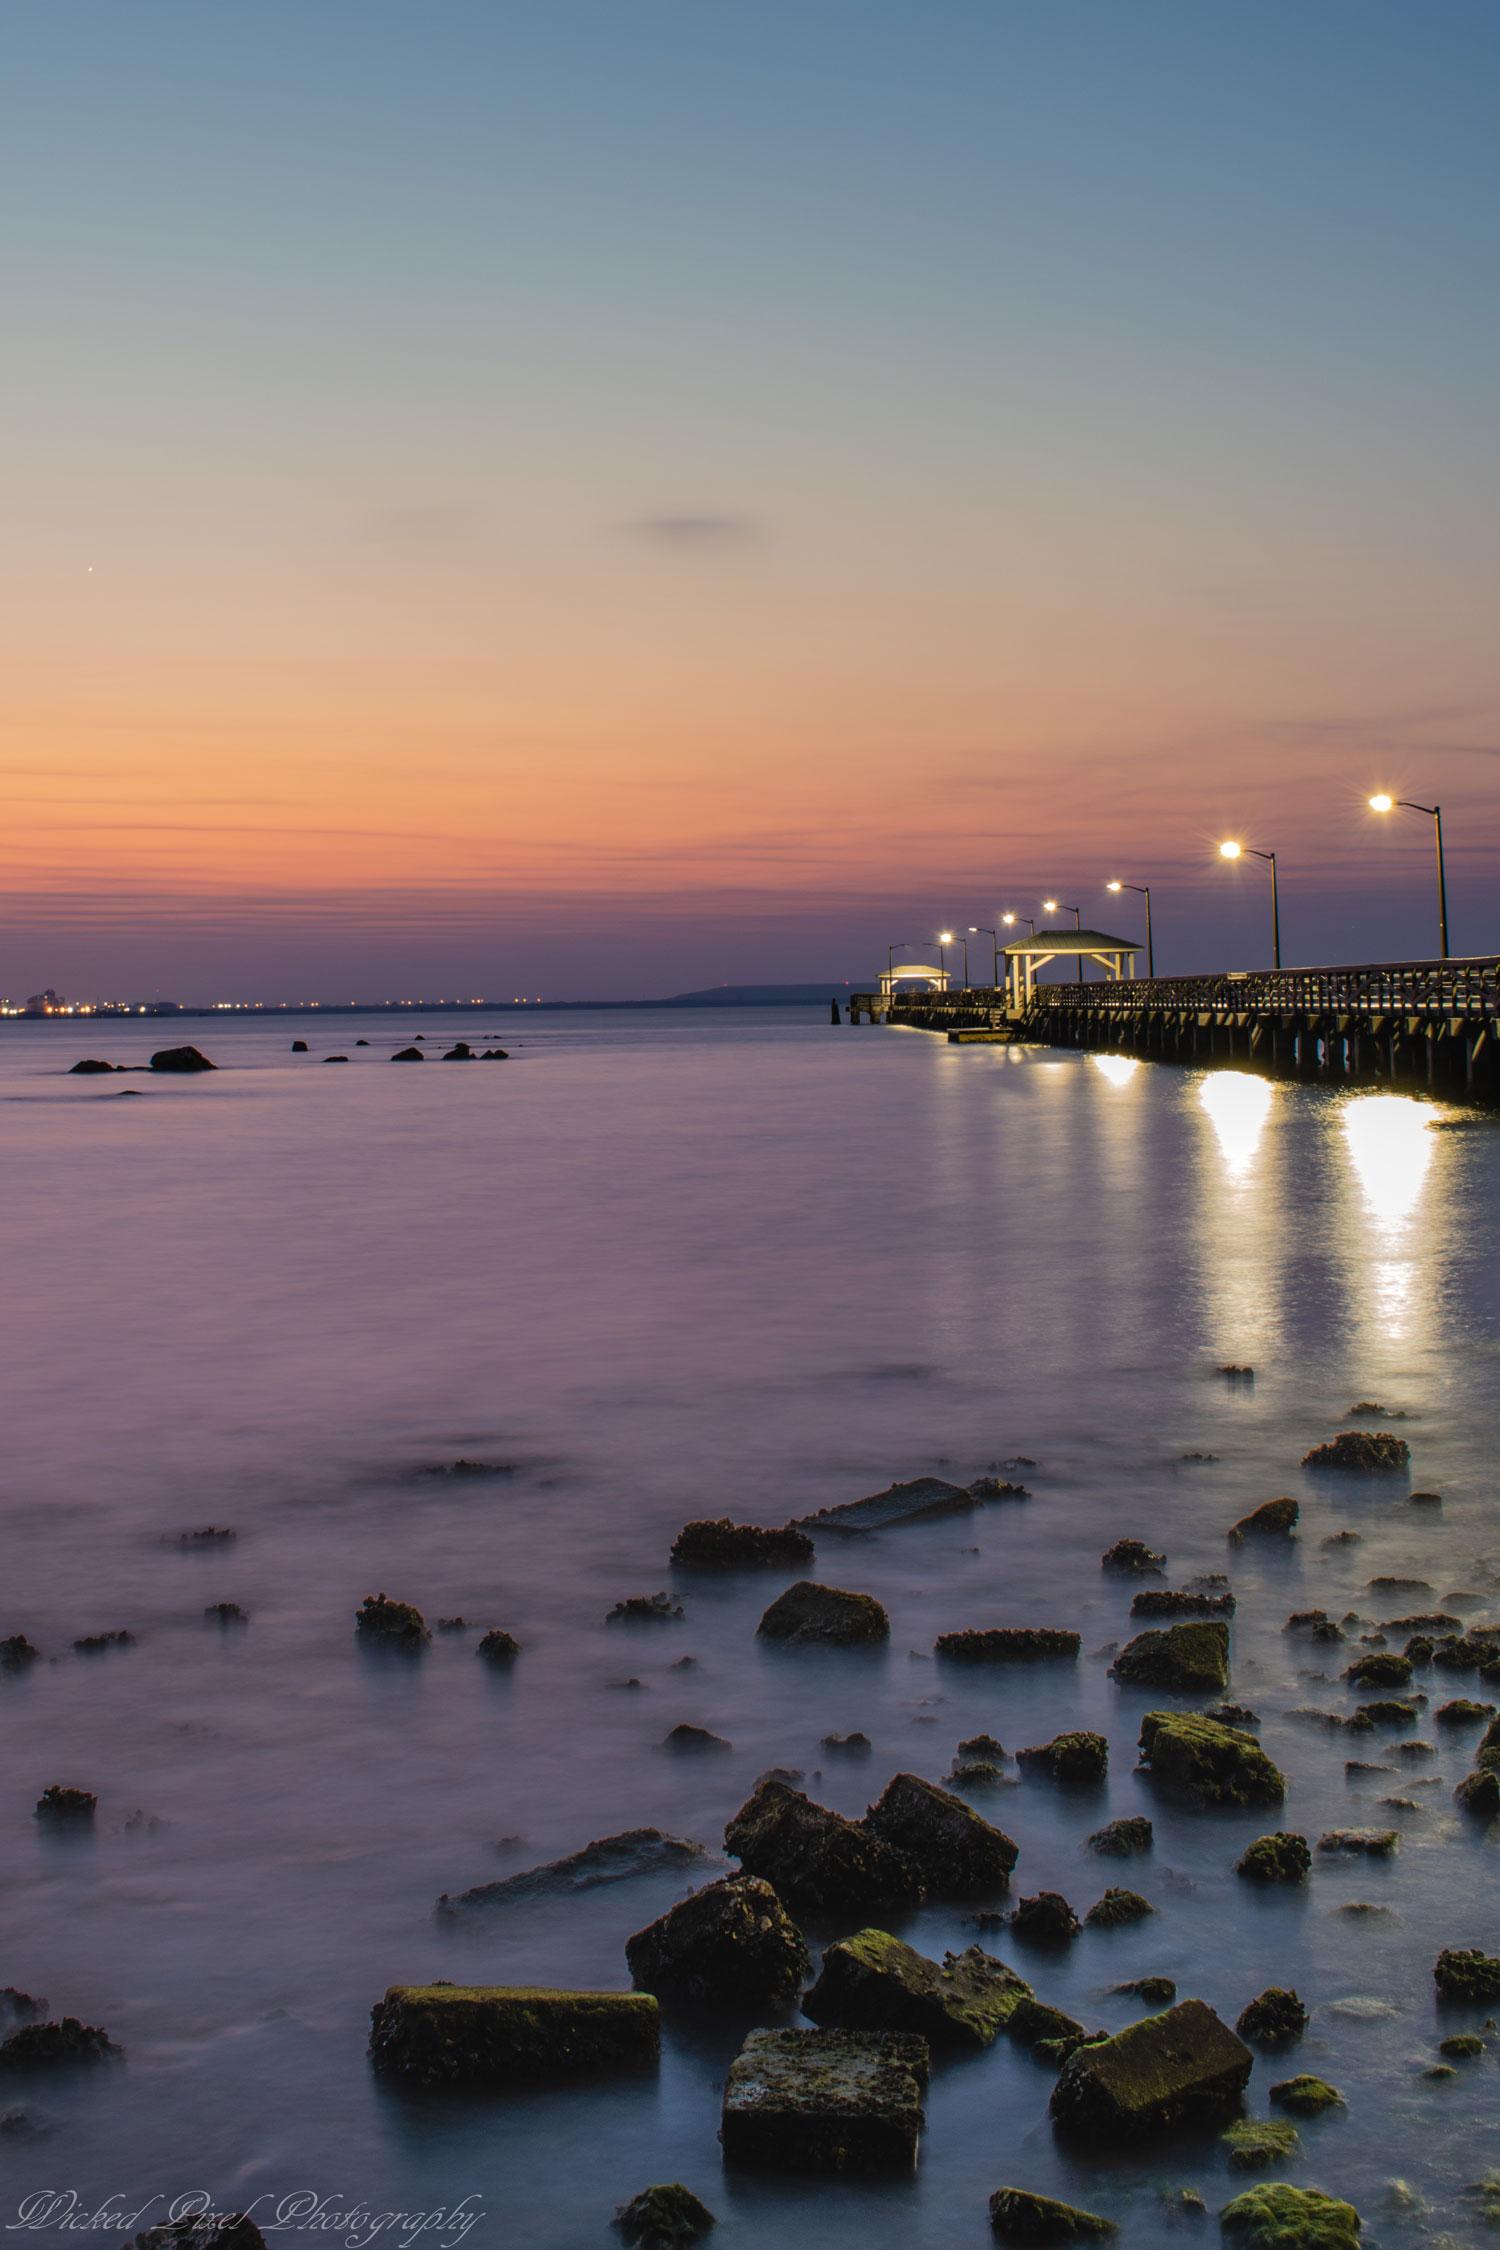 Ballast-Park-Pier-Long-Exposure-Sunrise.jpg